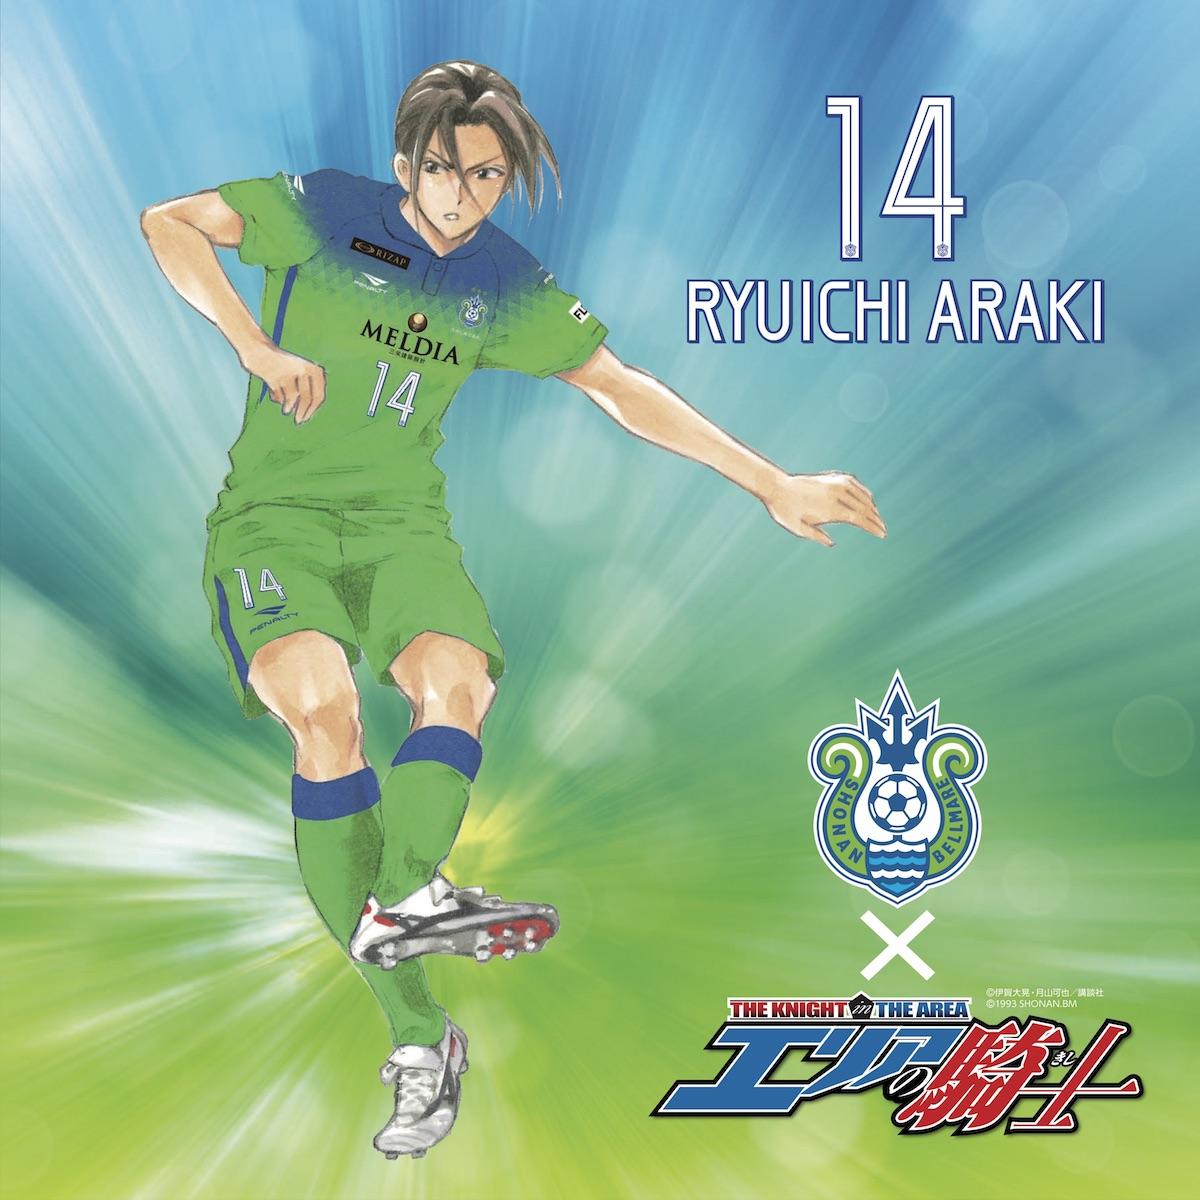 02_hand_towel_ryuichi_araki